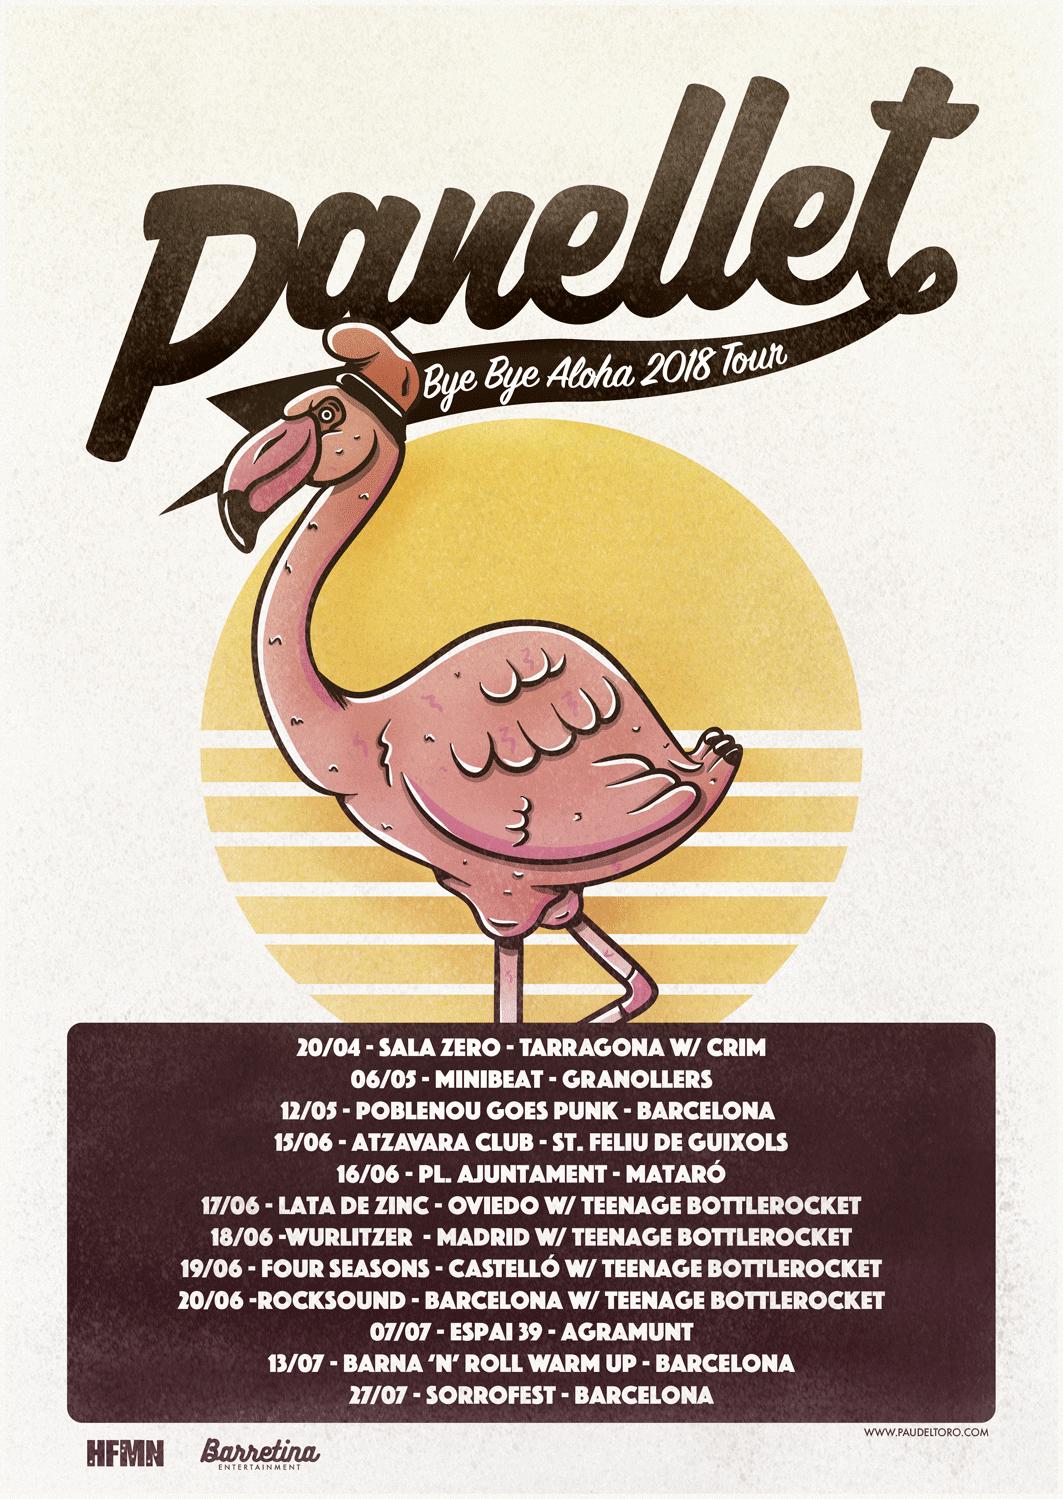 panellet-tour2018